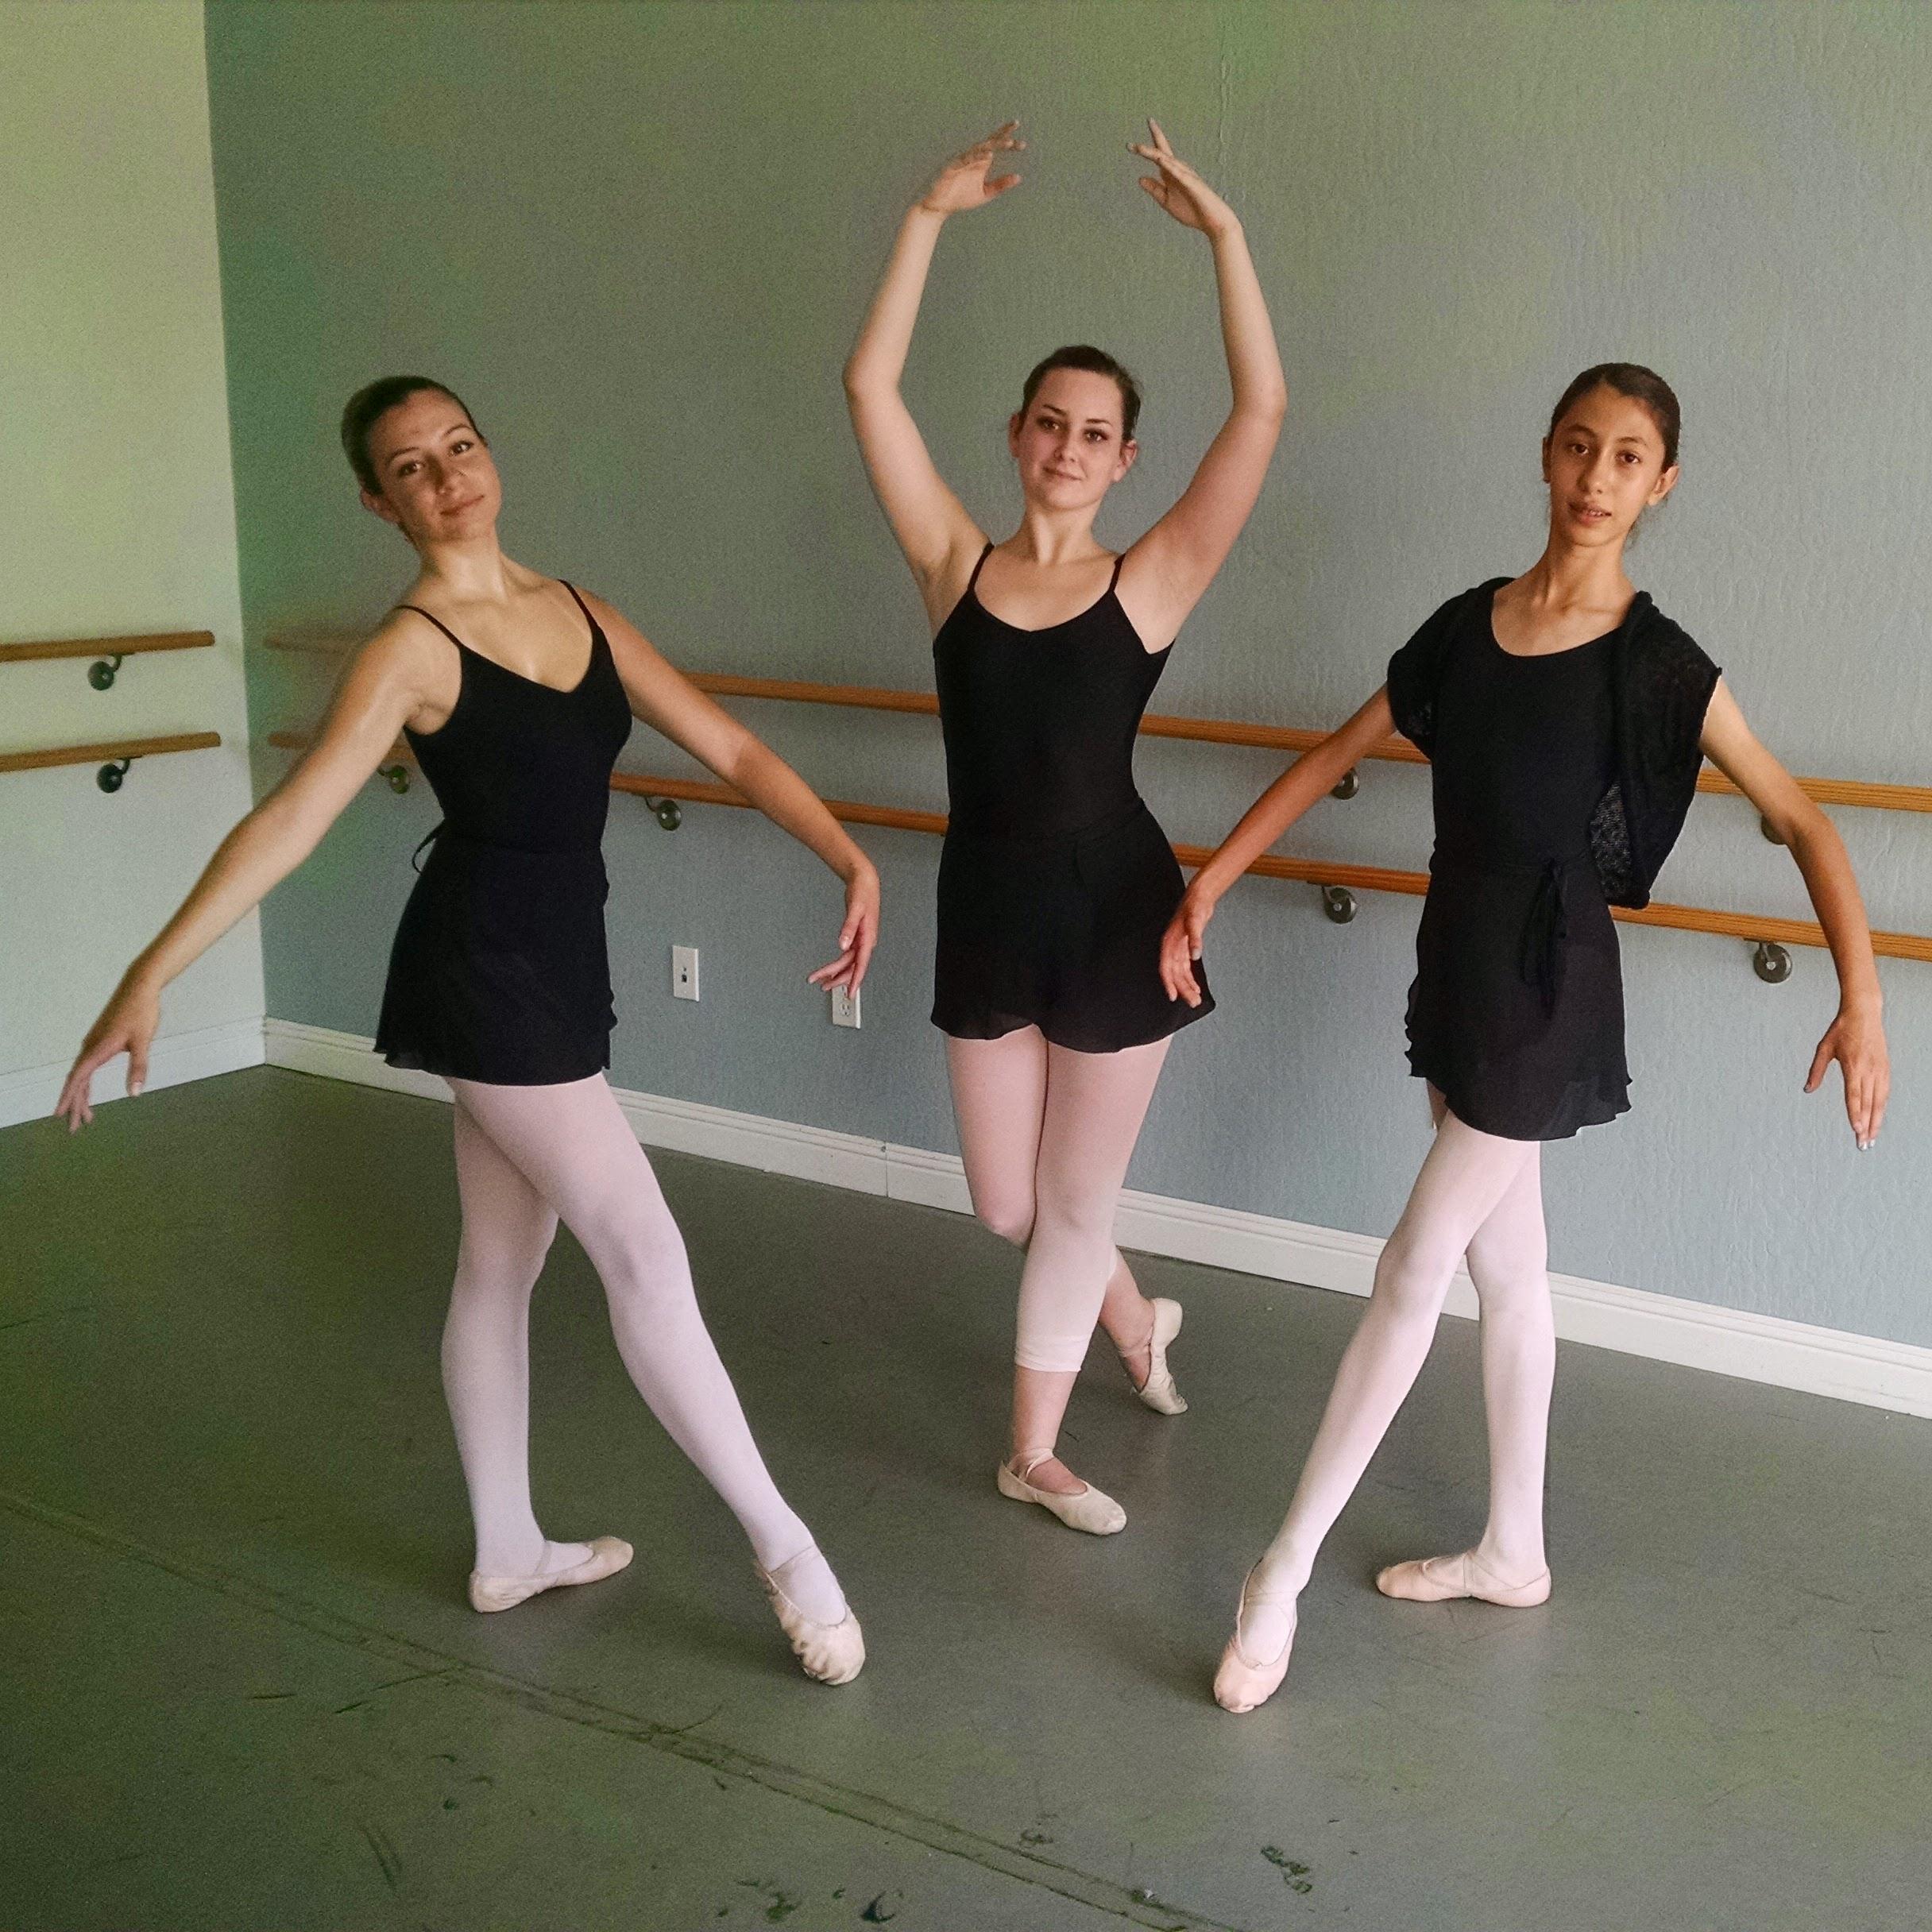 bay_ballet_academy_san_jose_willow_glen_maximo_califano_dance_classes_1